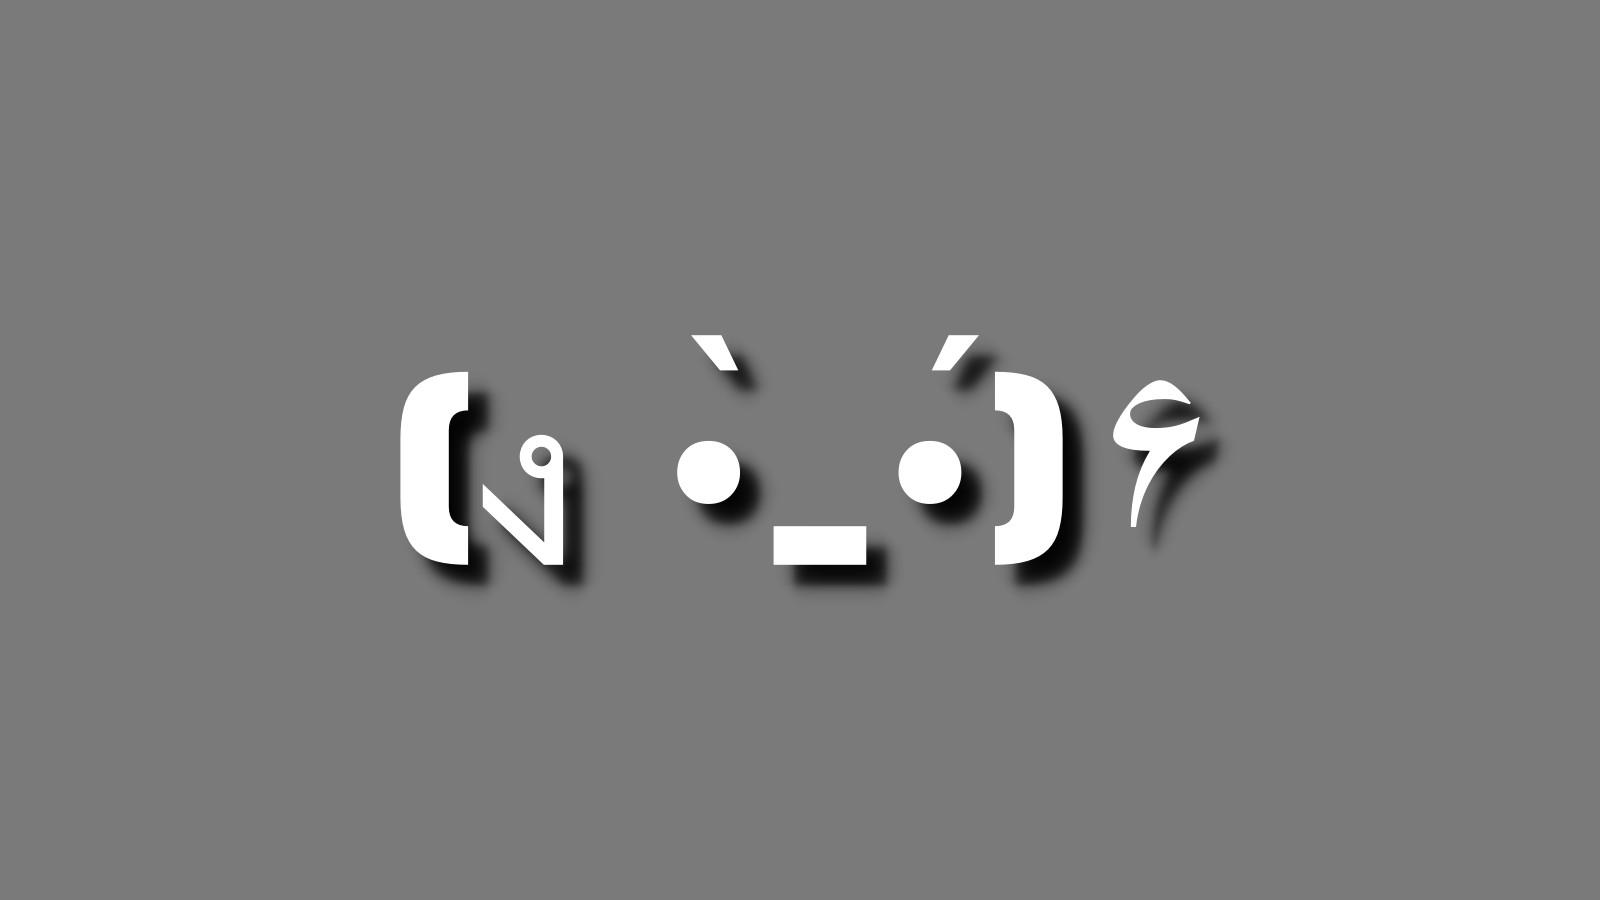 웃는 표정 화난표정 이모티콘 복사해서 쓰세요. 1